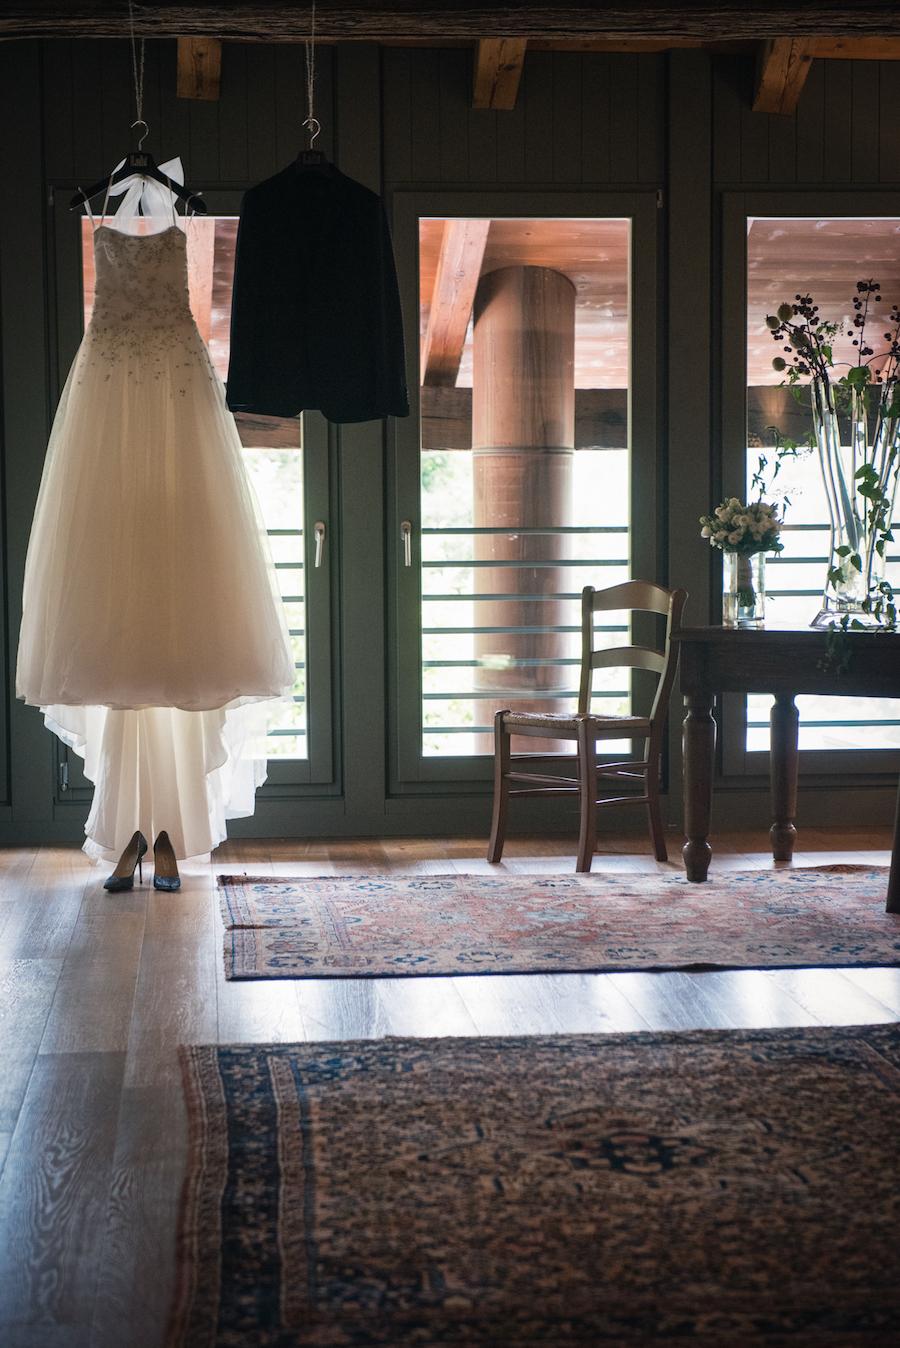 matrimonio-bilingue-con-rito-simbolico-selene-pozzer-02